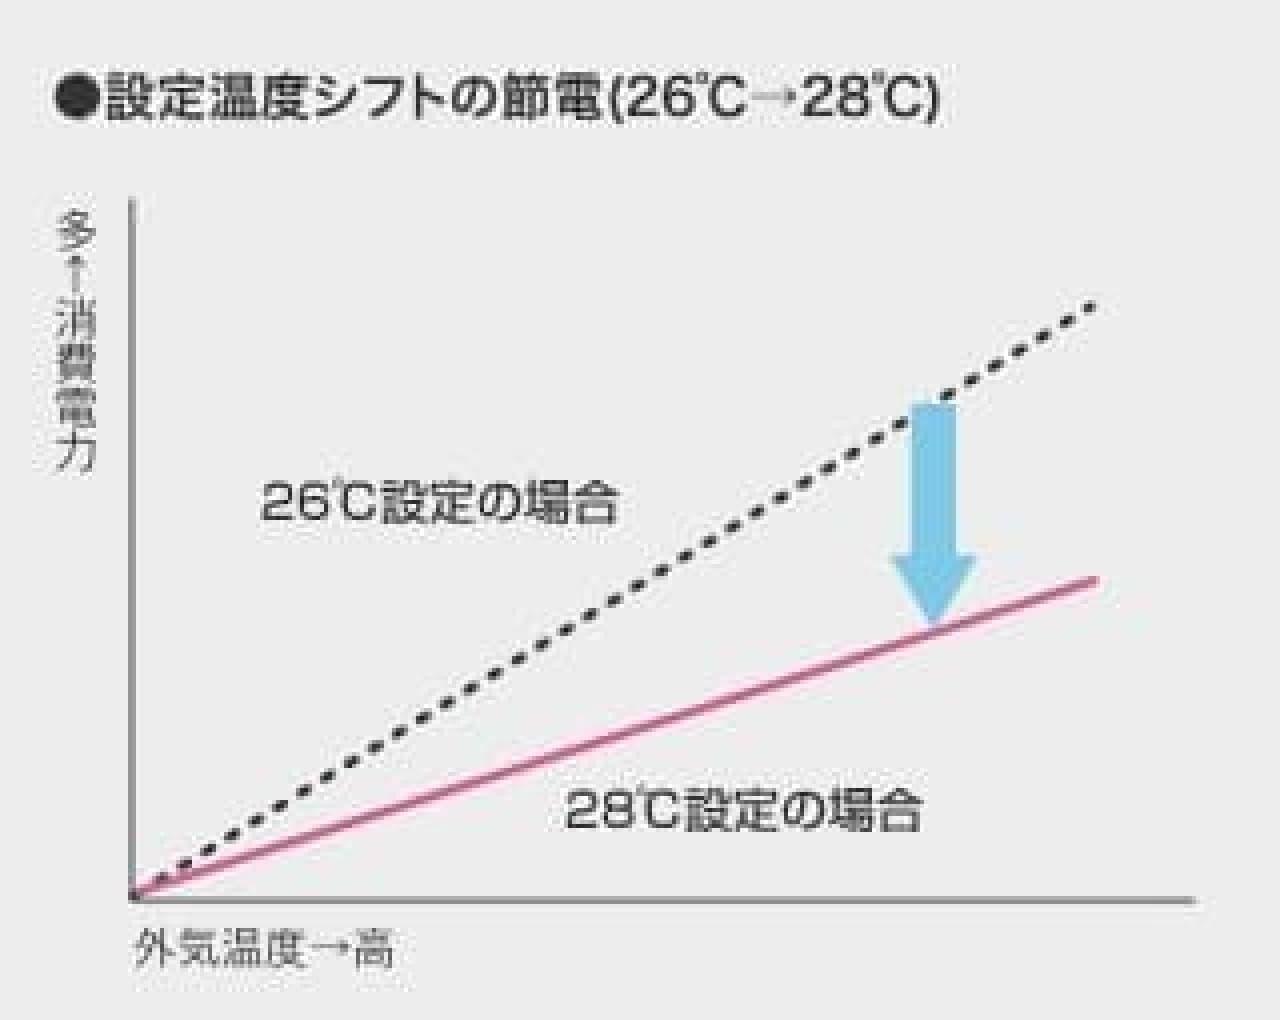 26度と28度の比較